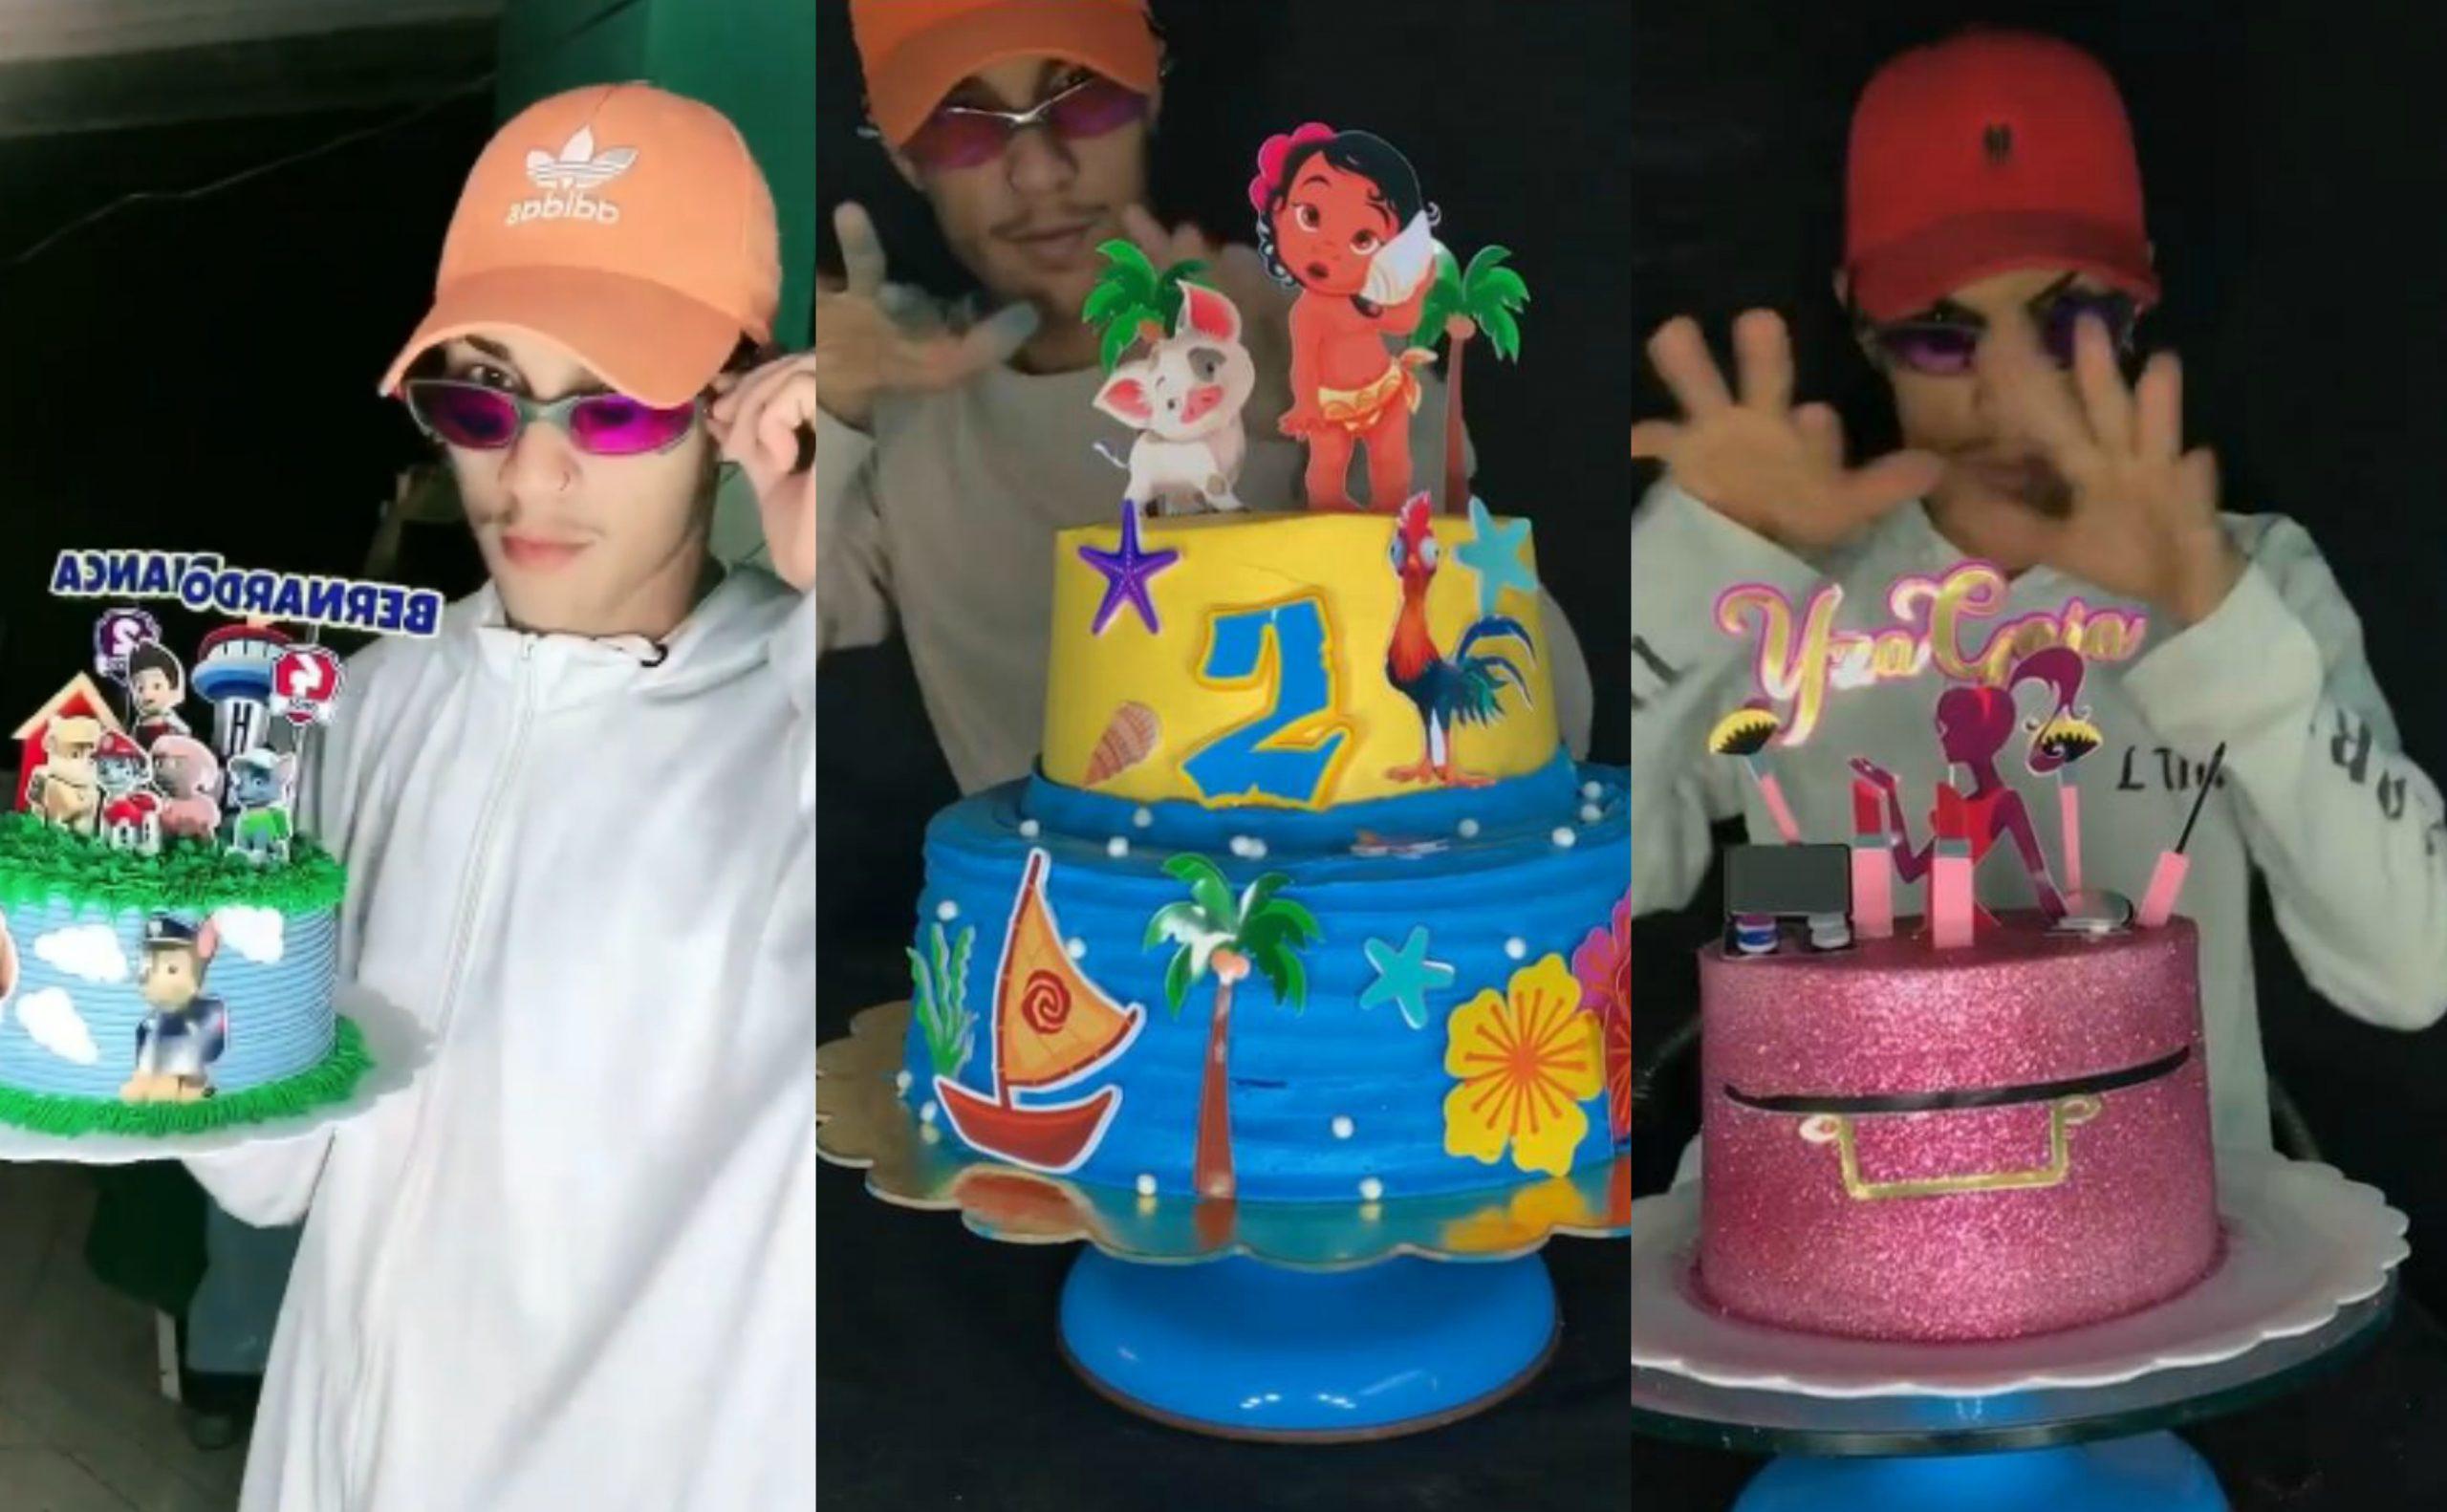 Dançando o magrão no Tik Tok, o confeiteiro Alexandre Ferreira viralizou com seus bolos